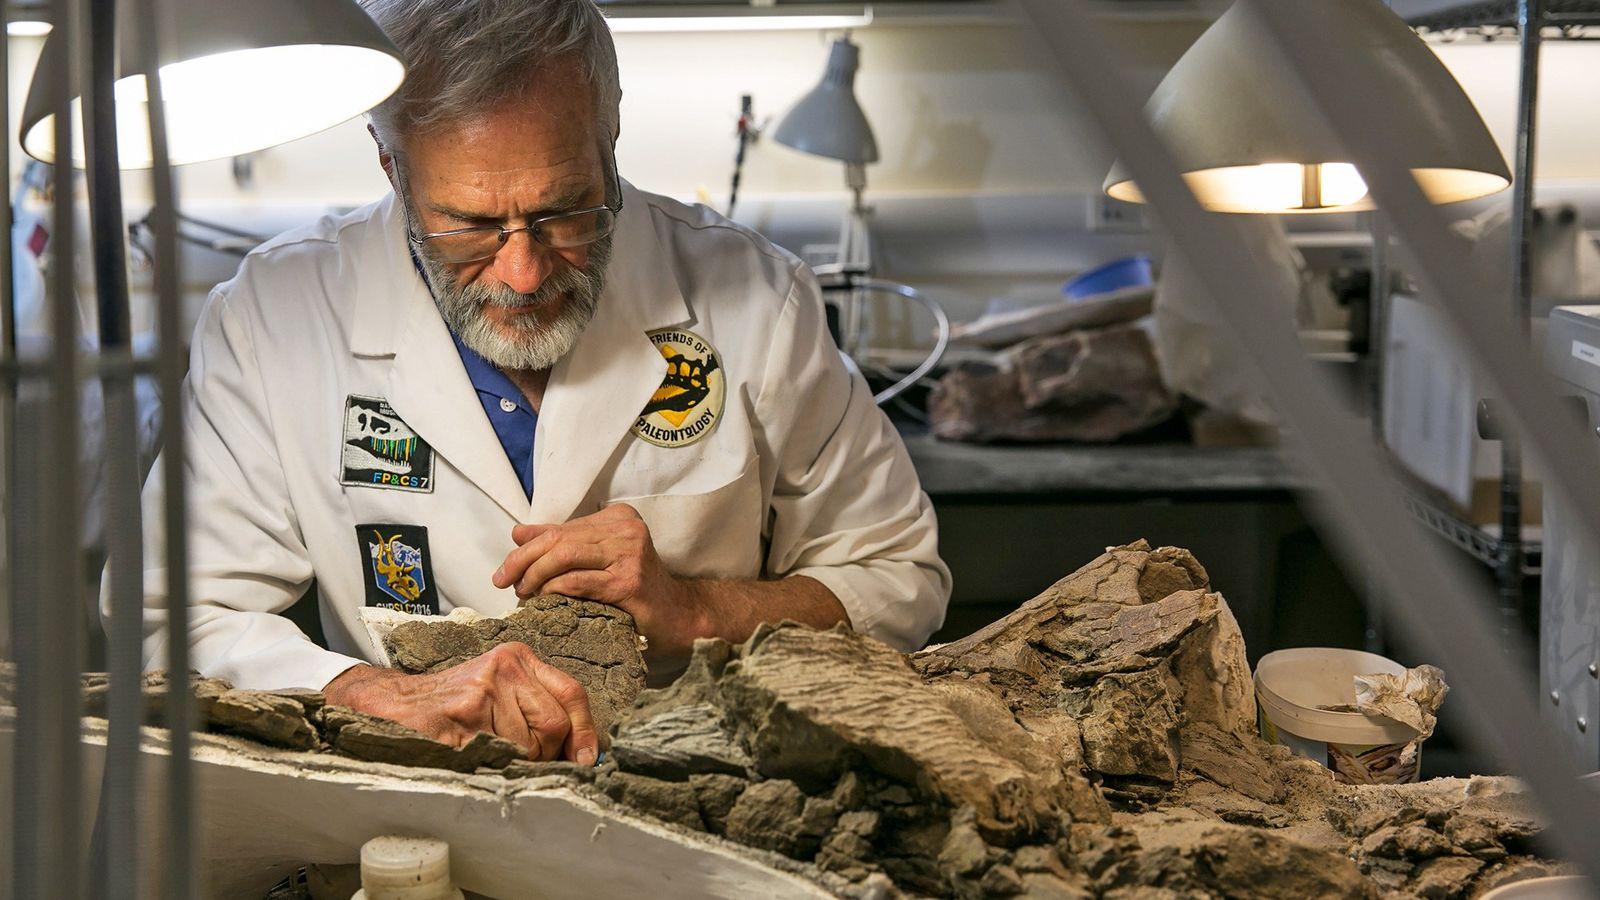 Randy Johnson, um paleontologista voluntário no Museu Histórico Nacional de Utah, cuidadosamente prepara um fóssil no ...